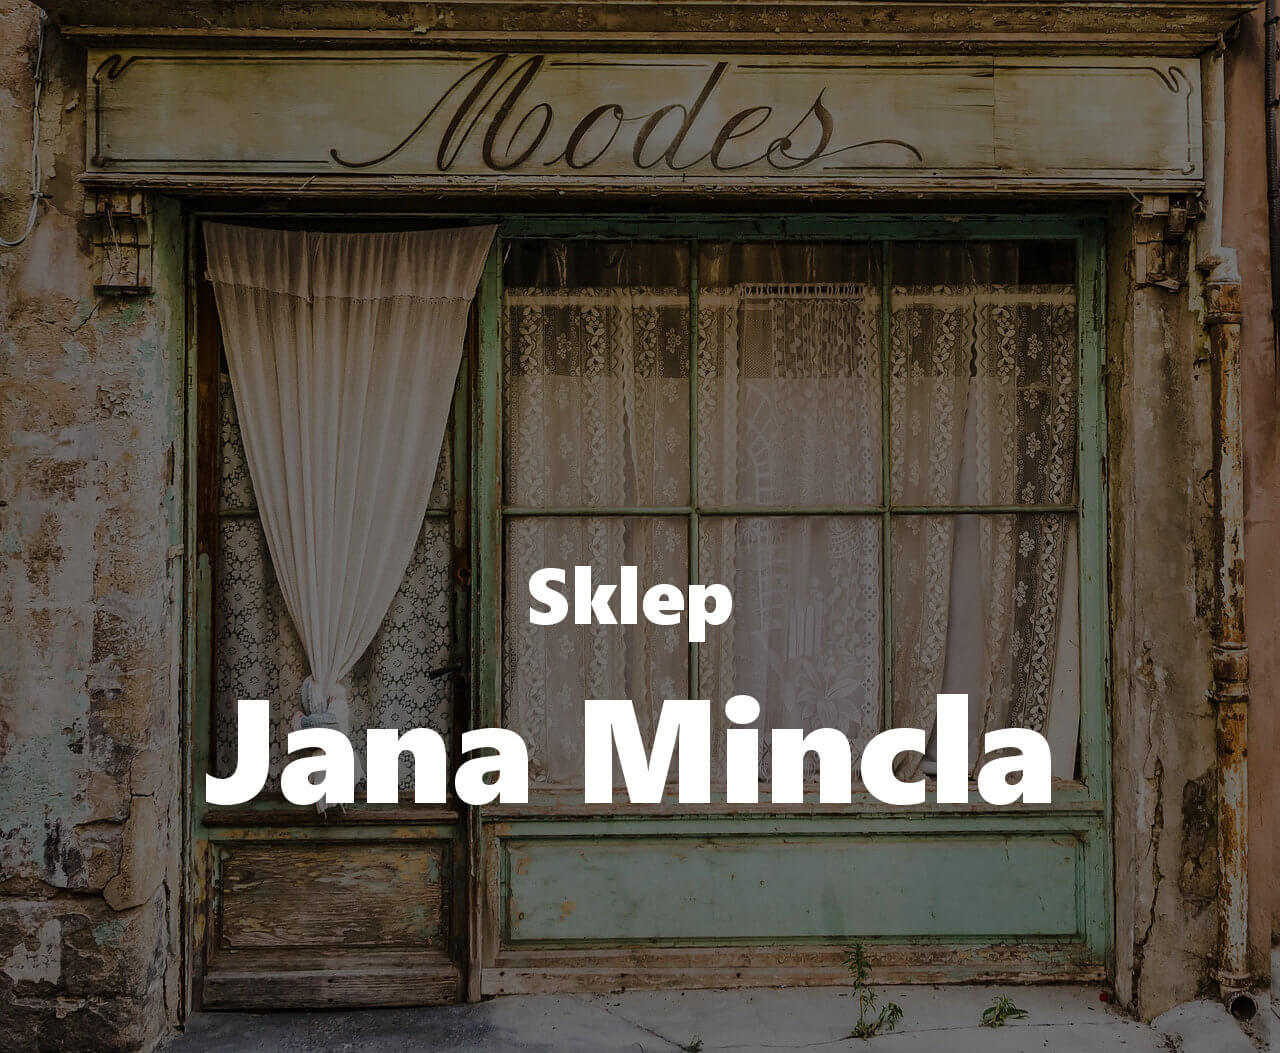 Jak wyglądał sklep Jana Mincla?